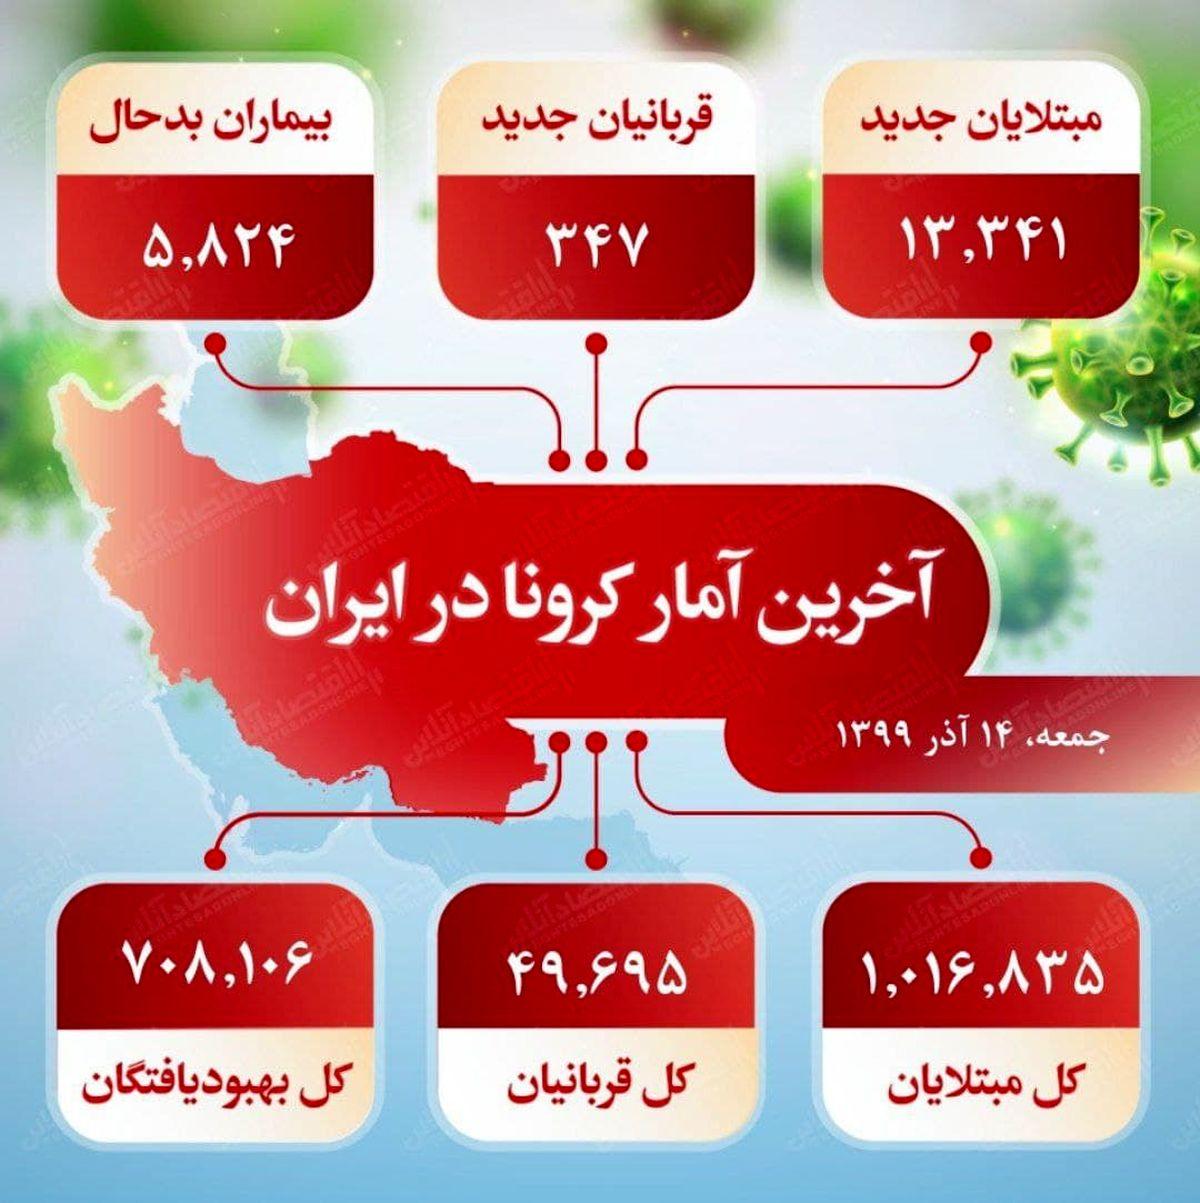 آخرین آمار کرونا در ایران (۹۹/۹/۱۴)